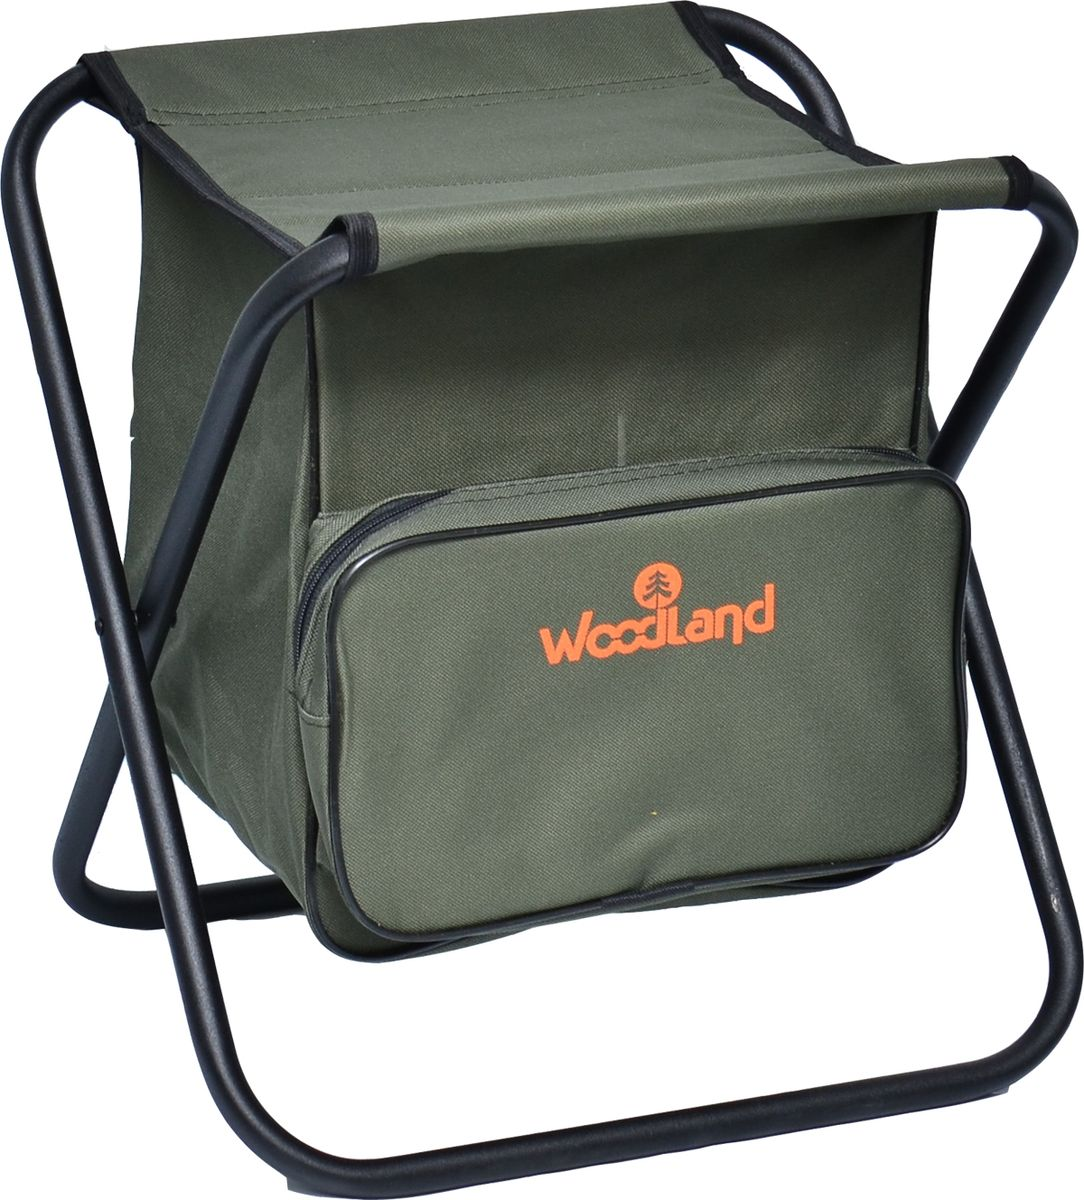 Стул складной кемпинговый Woodland Compact BAG, цвет: зеленый, 38,5 x 32,5 х 40 см0055543Стул складной Woodland Compact BAG предназначен для создания комфортных условий в туристических походах, охоте, рыбалке и кемпинге.Материалы: Сталь, Oxford 600DРазмер: 38,5 x 32,5 х 40 см.Вес: 1,56 кг. Компактная складная конструкция. Прочный стальной каркас, диаметром 16 мм, с покрытием.Водоотталкивающее ПВХ покрытие ткани Oxford 600D. Максимально допустимая нагрузка 120 кг.